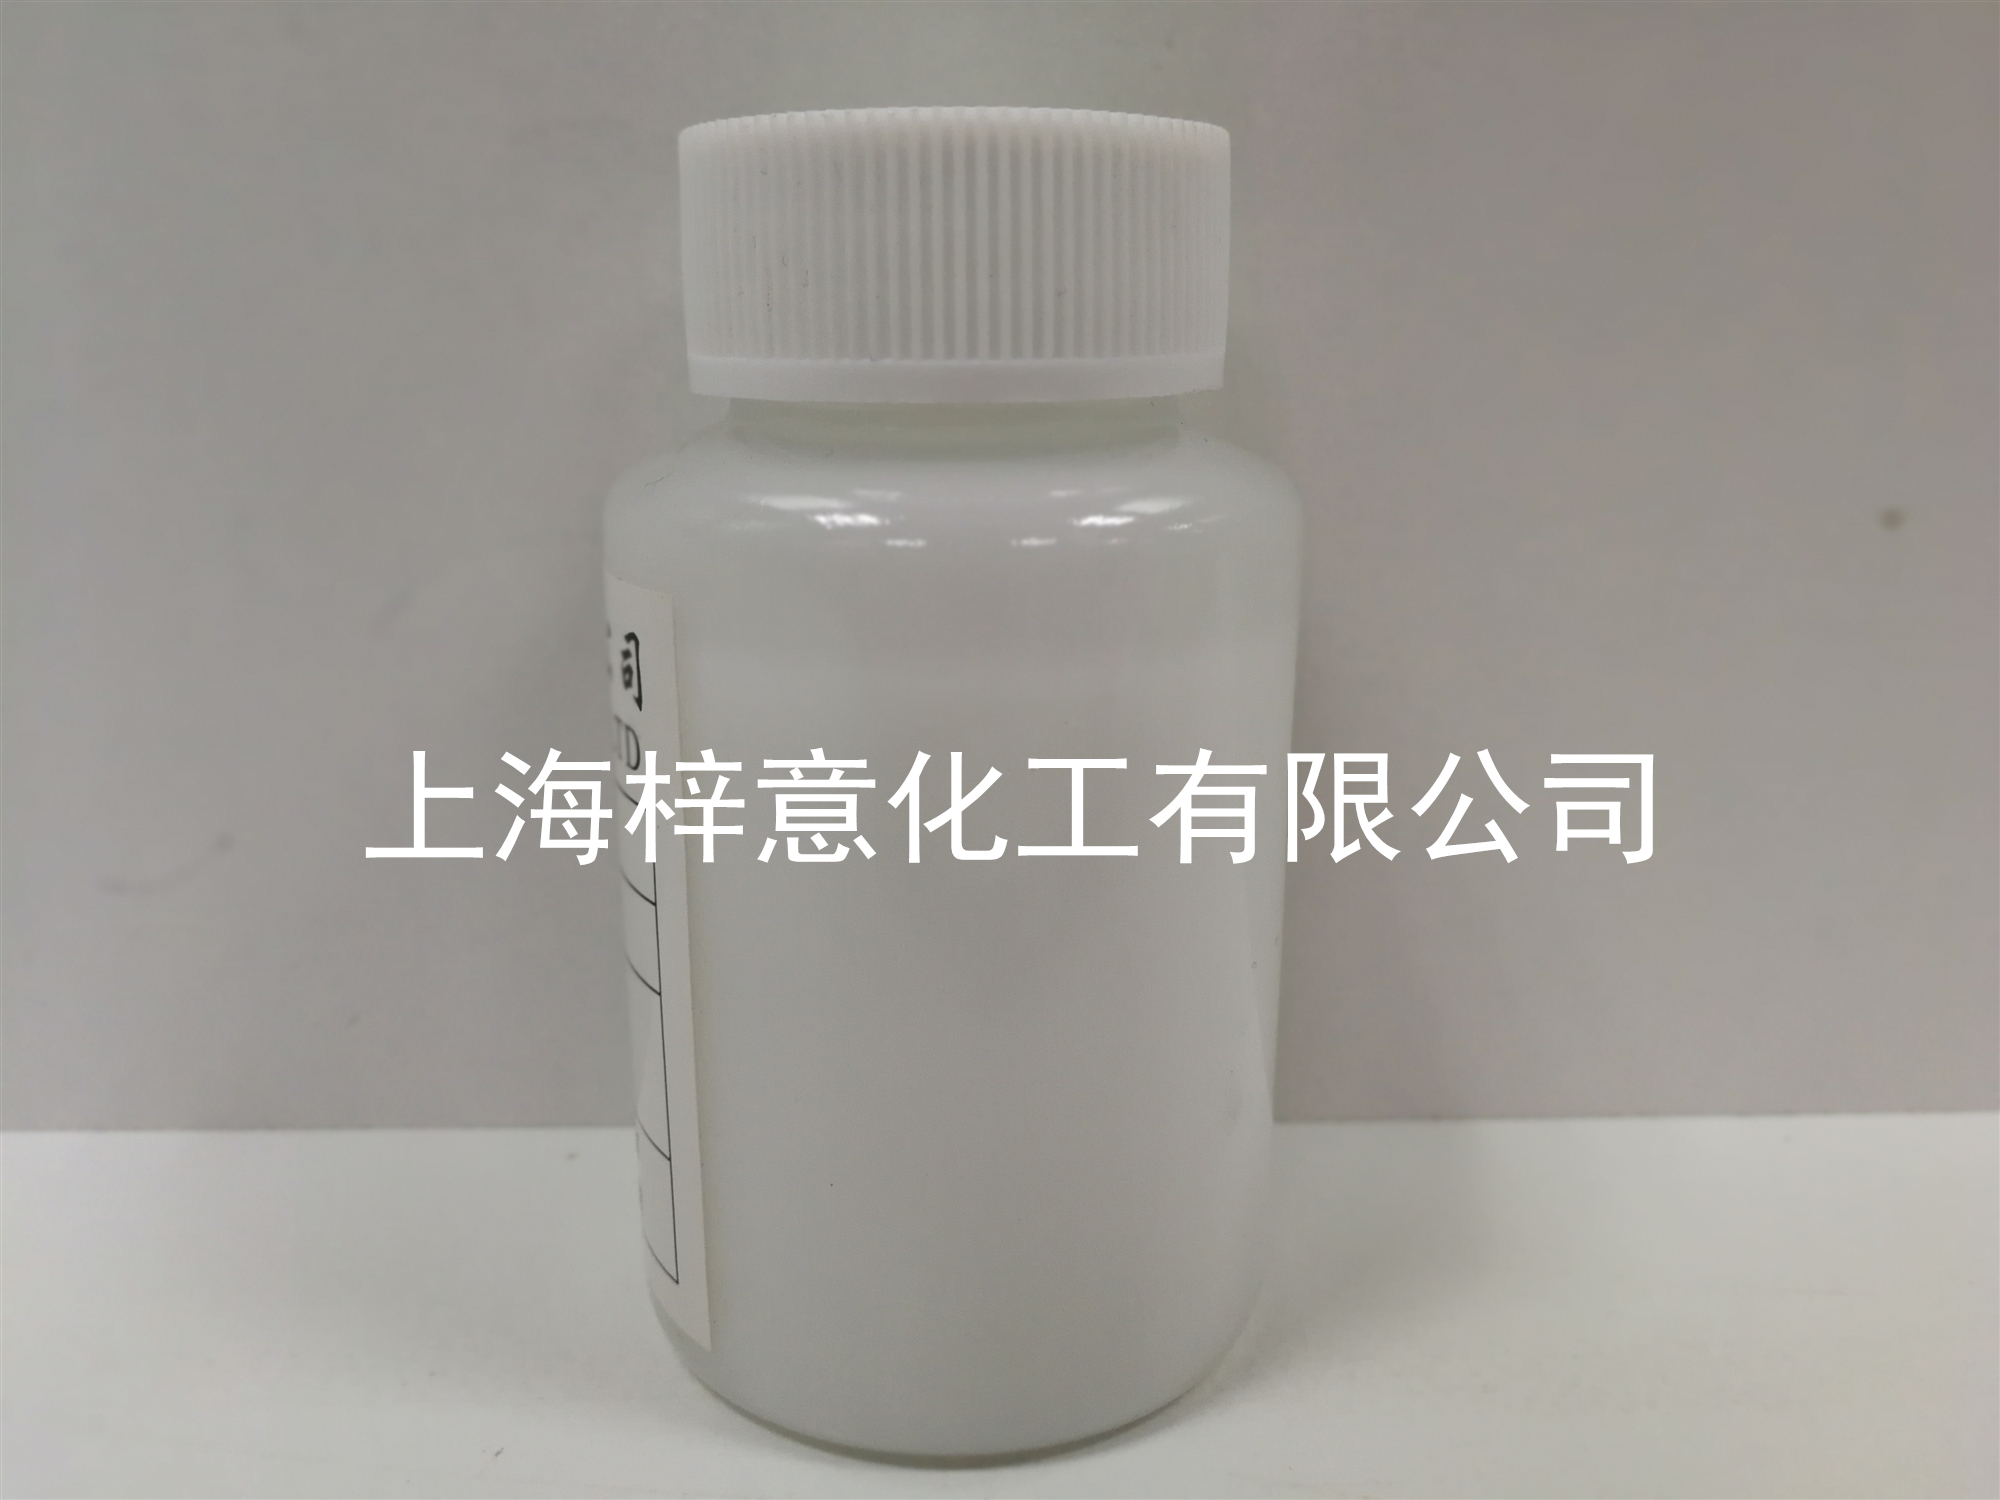 上海硅酸鈣板消泡劑 誠信互利 梓意供應